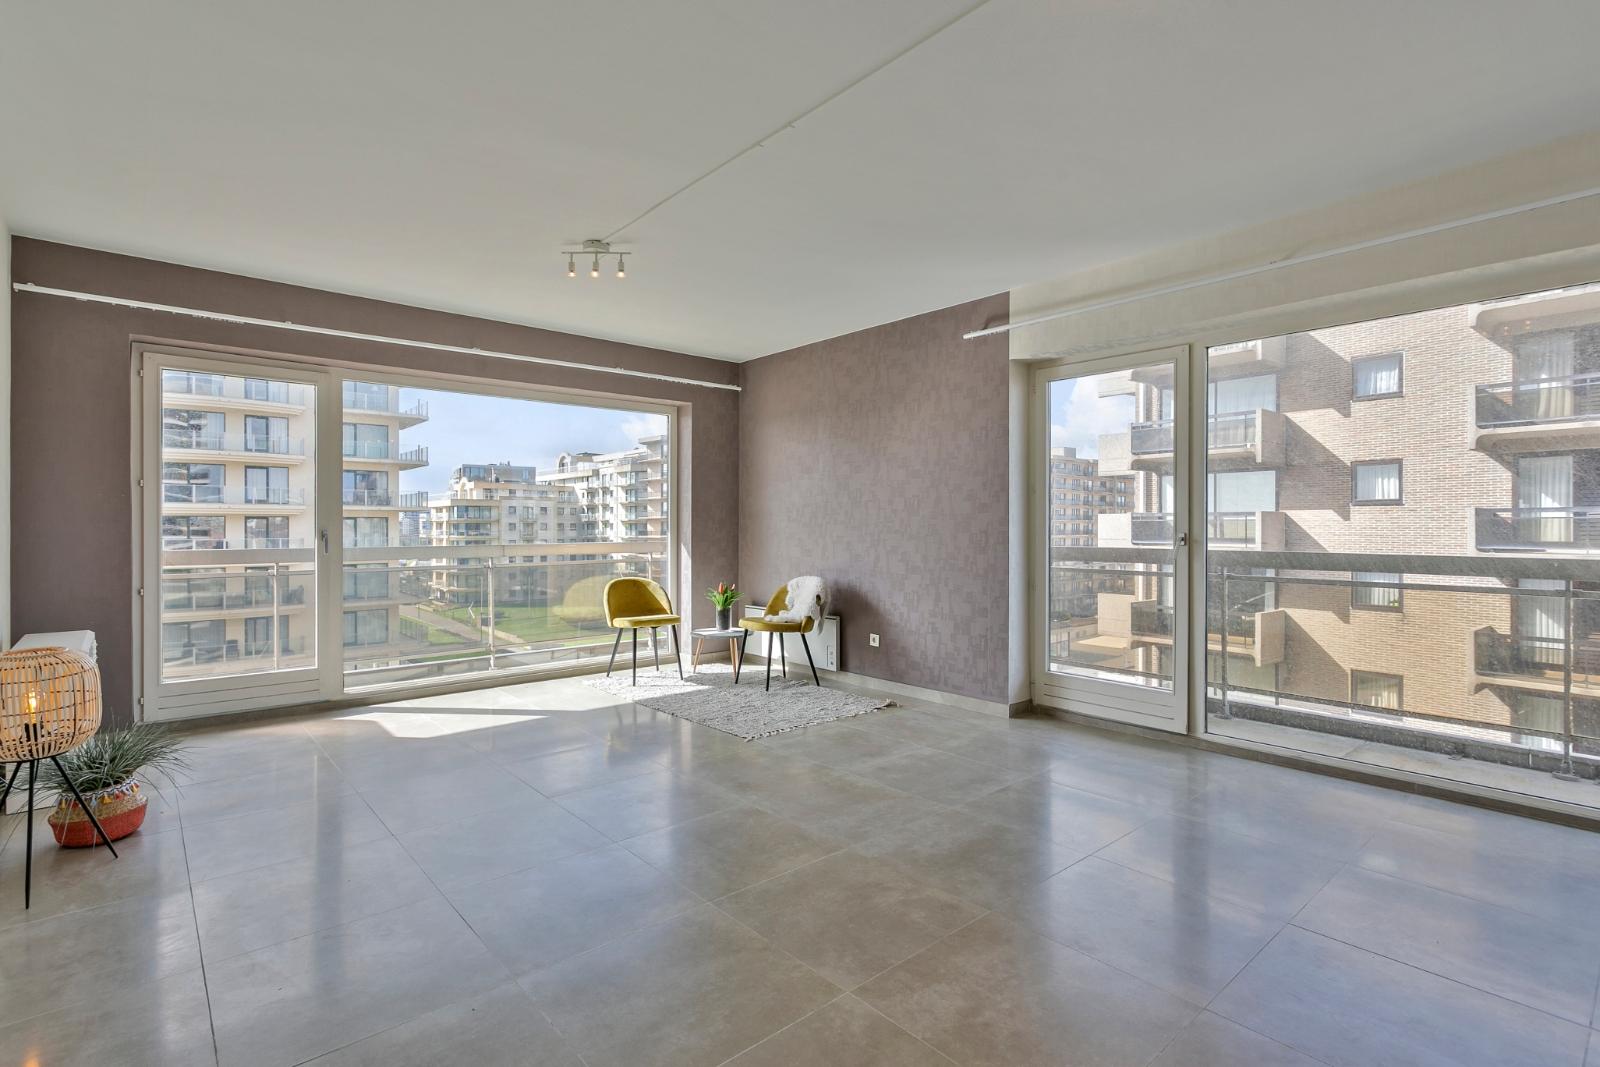 Ruim appartement met zicht op de Leopold I Esplanade. - 2